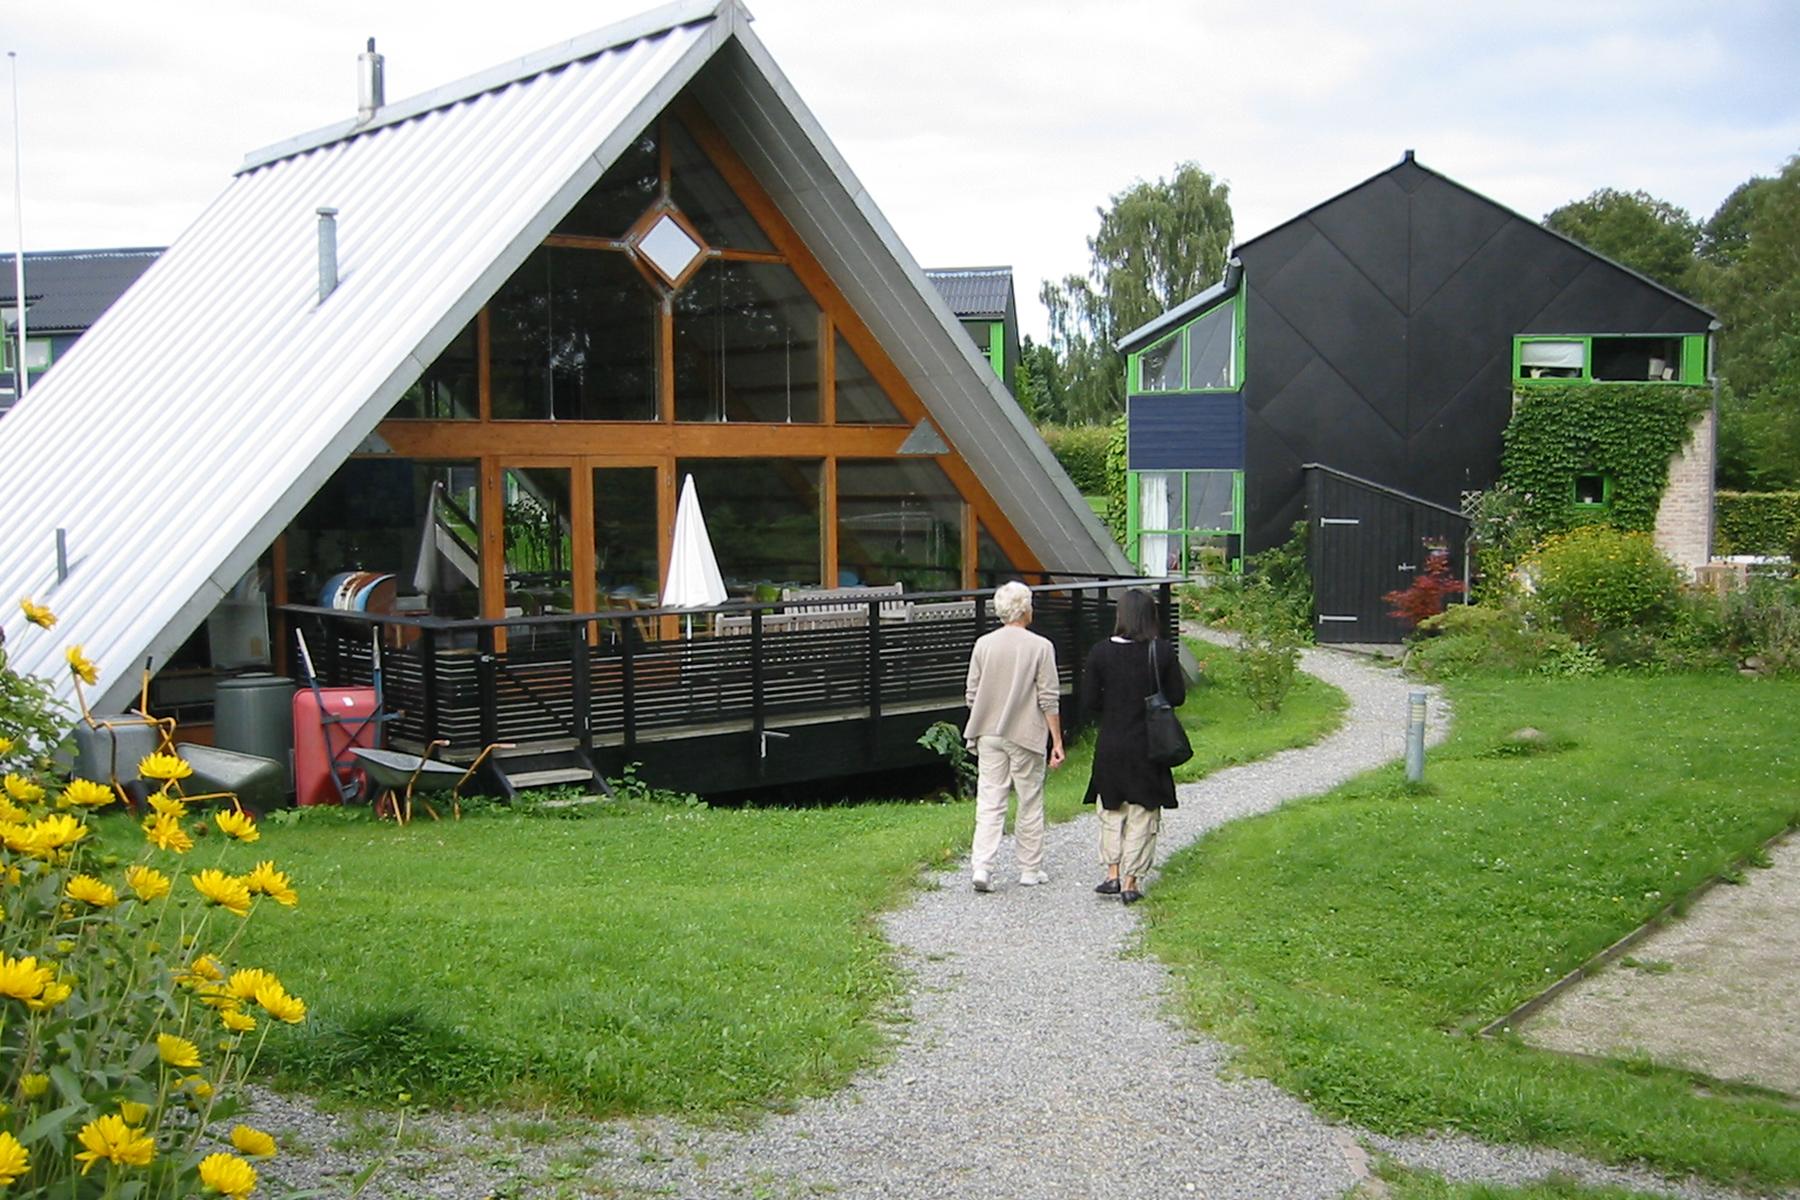 Blikfanget Cohousing in Bikerod, DK. Designed by Tegnestuen Vandkunsten